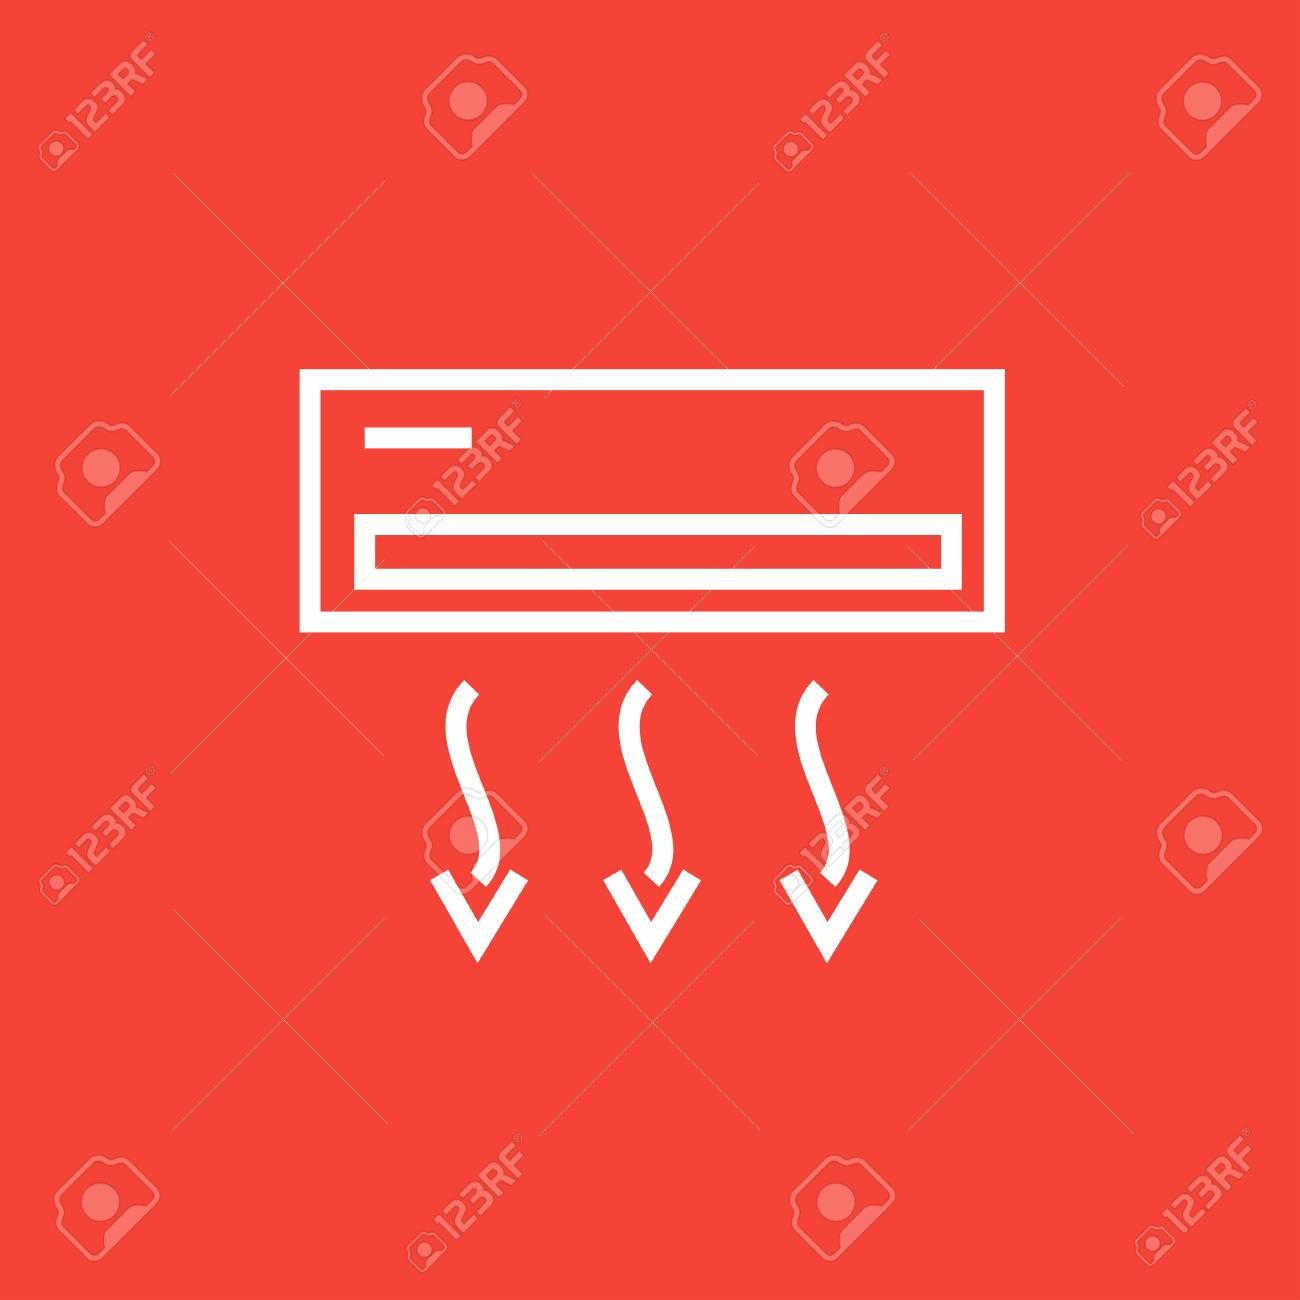 Großzügig Schaltungsschalter Symbol Fotos - Die Besten Elektrischen ...